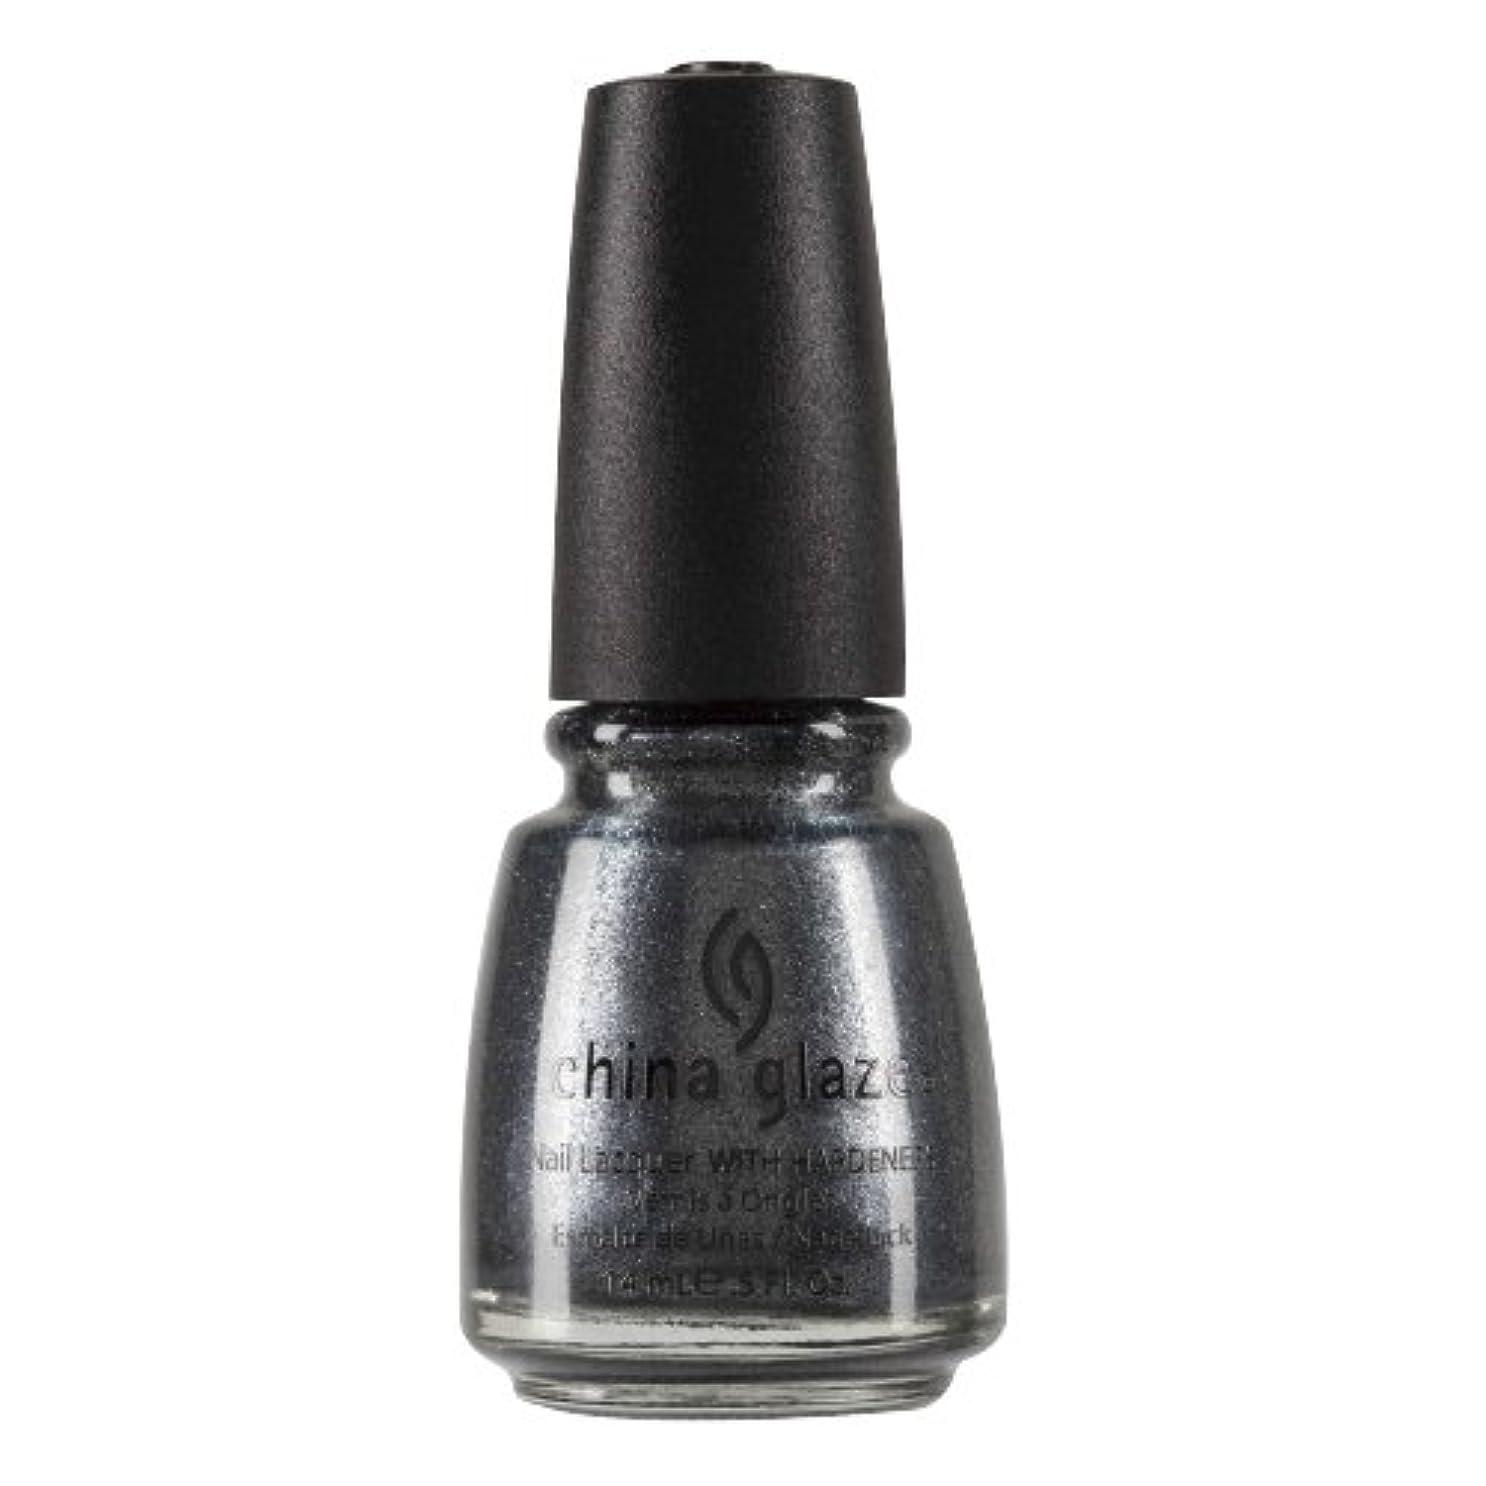 欠伸条約憤るCHINA GLAZE Nail Lacquer with Nail Hardner 2 - Jitterbug (並行輸入品)